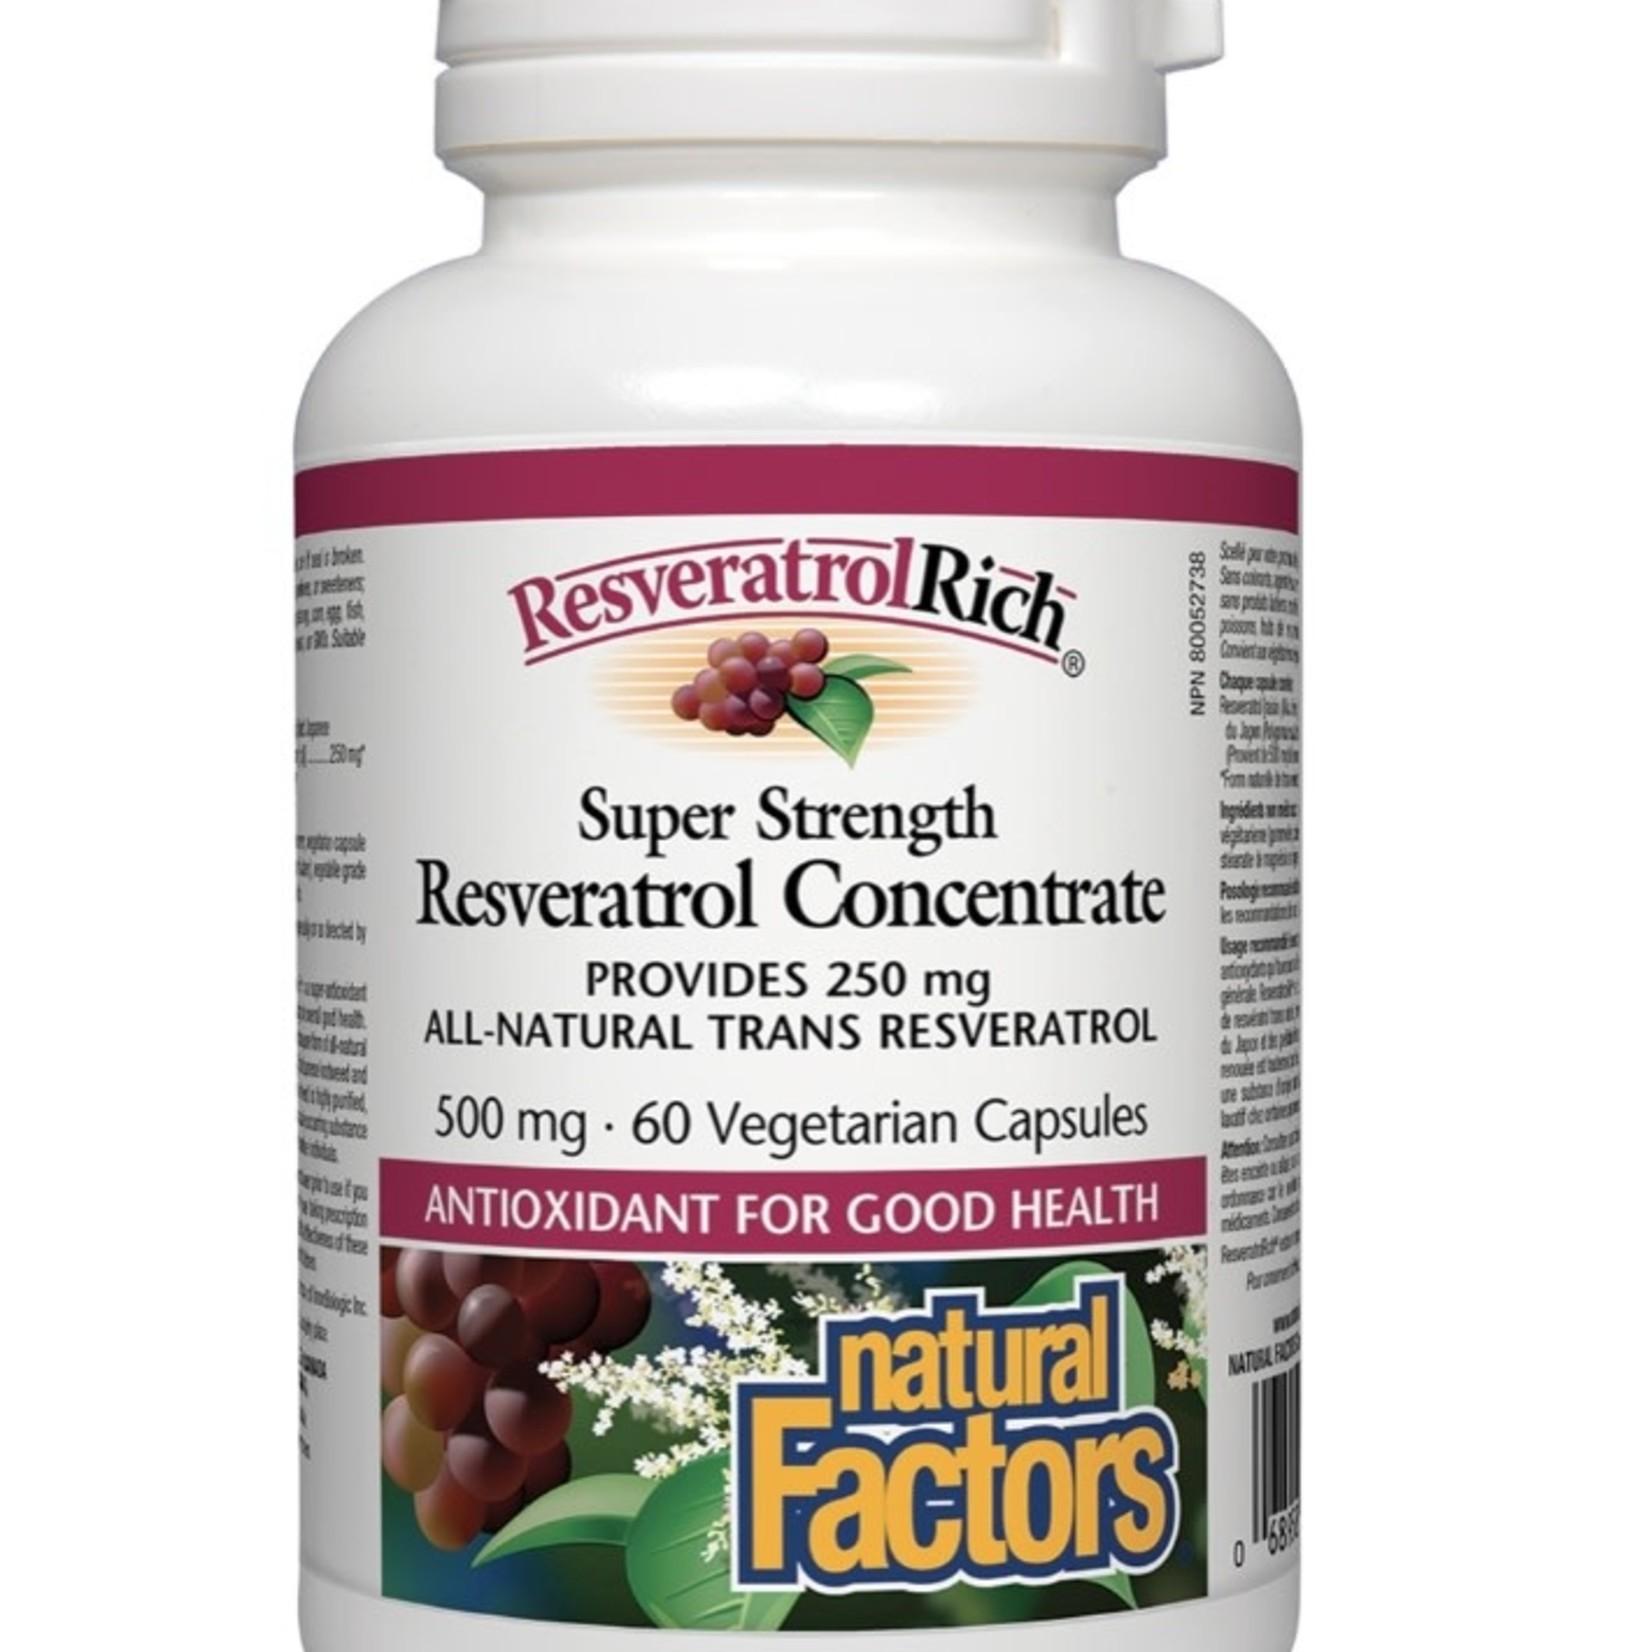 Natural Factors Natural Factors Resveratrol Concentrate 60 caps